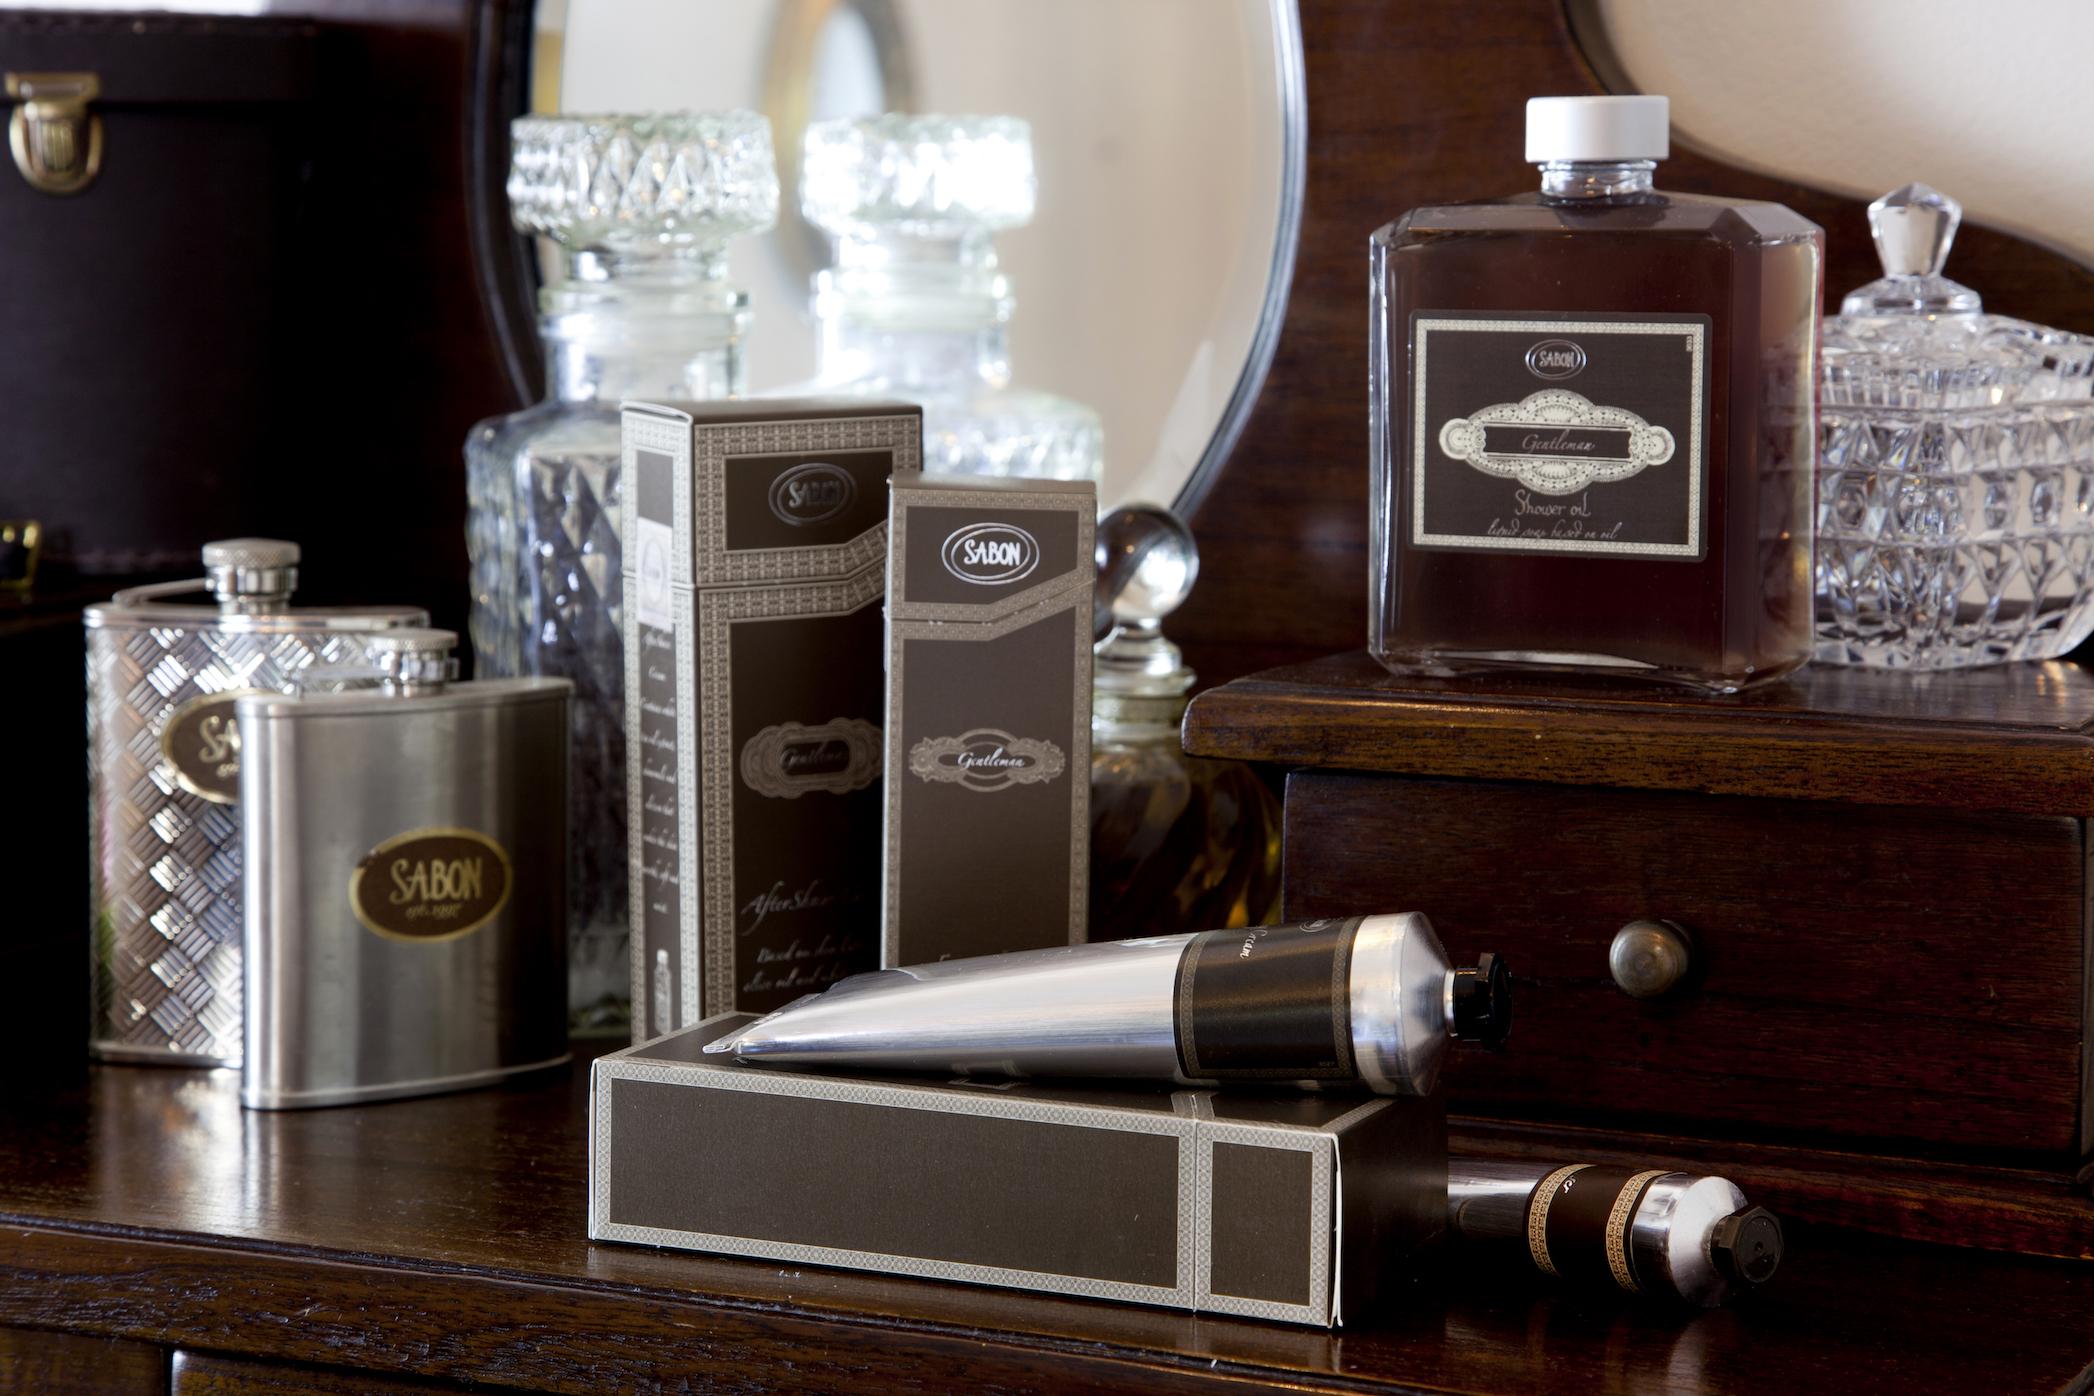 Men's grooming products: Sabon Gentleman